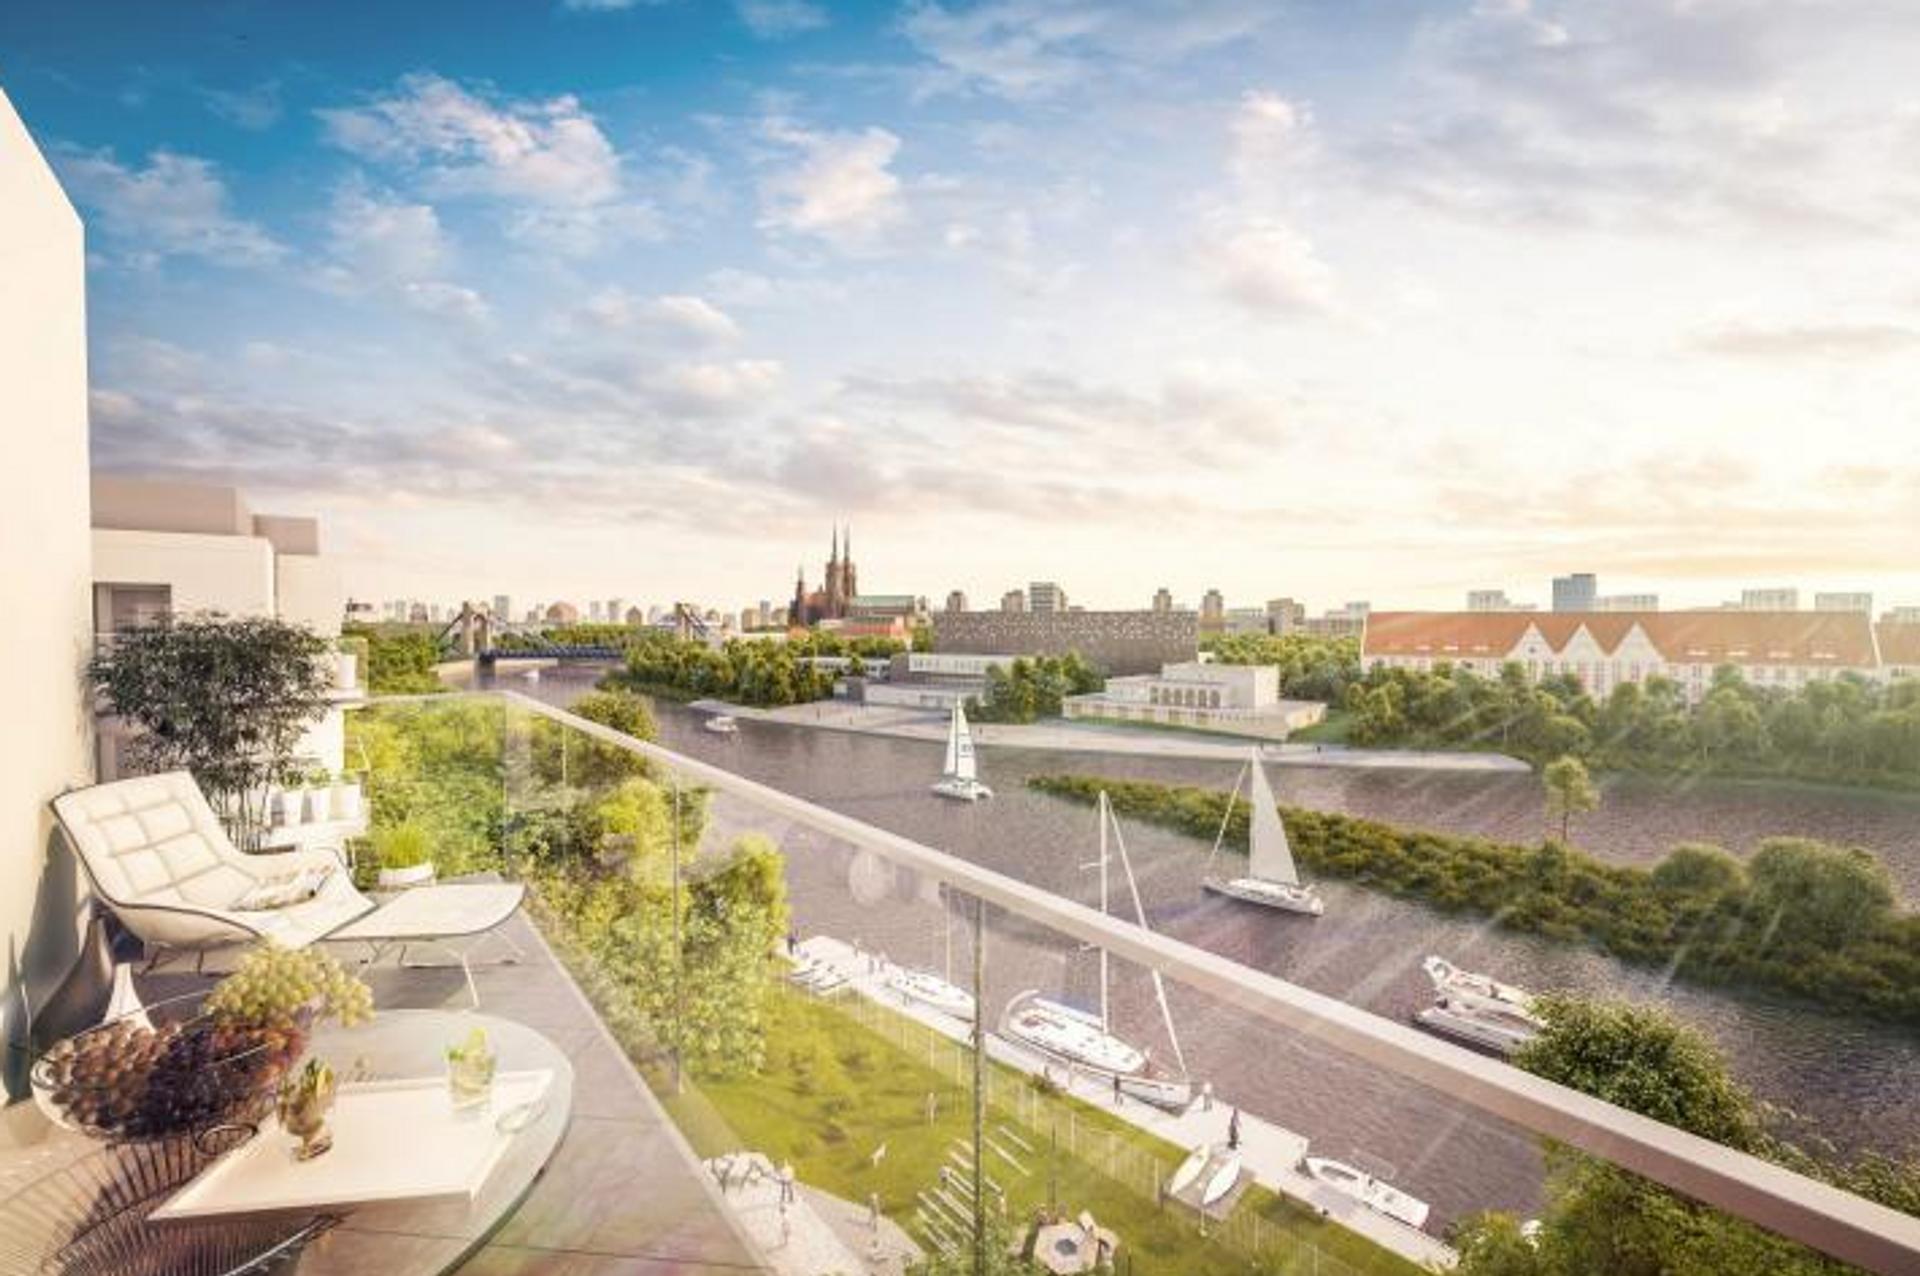 [Wrocław] Wkrótce ruszy budowa Mariny Miasto – kolejnego osiedla nad Odrą